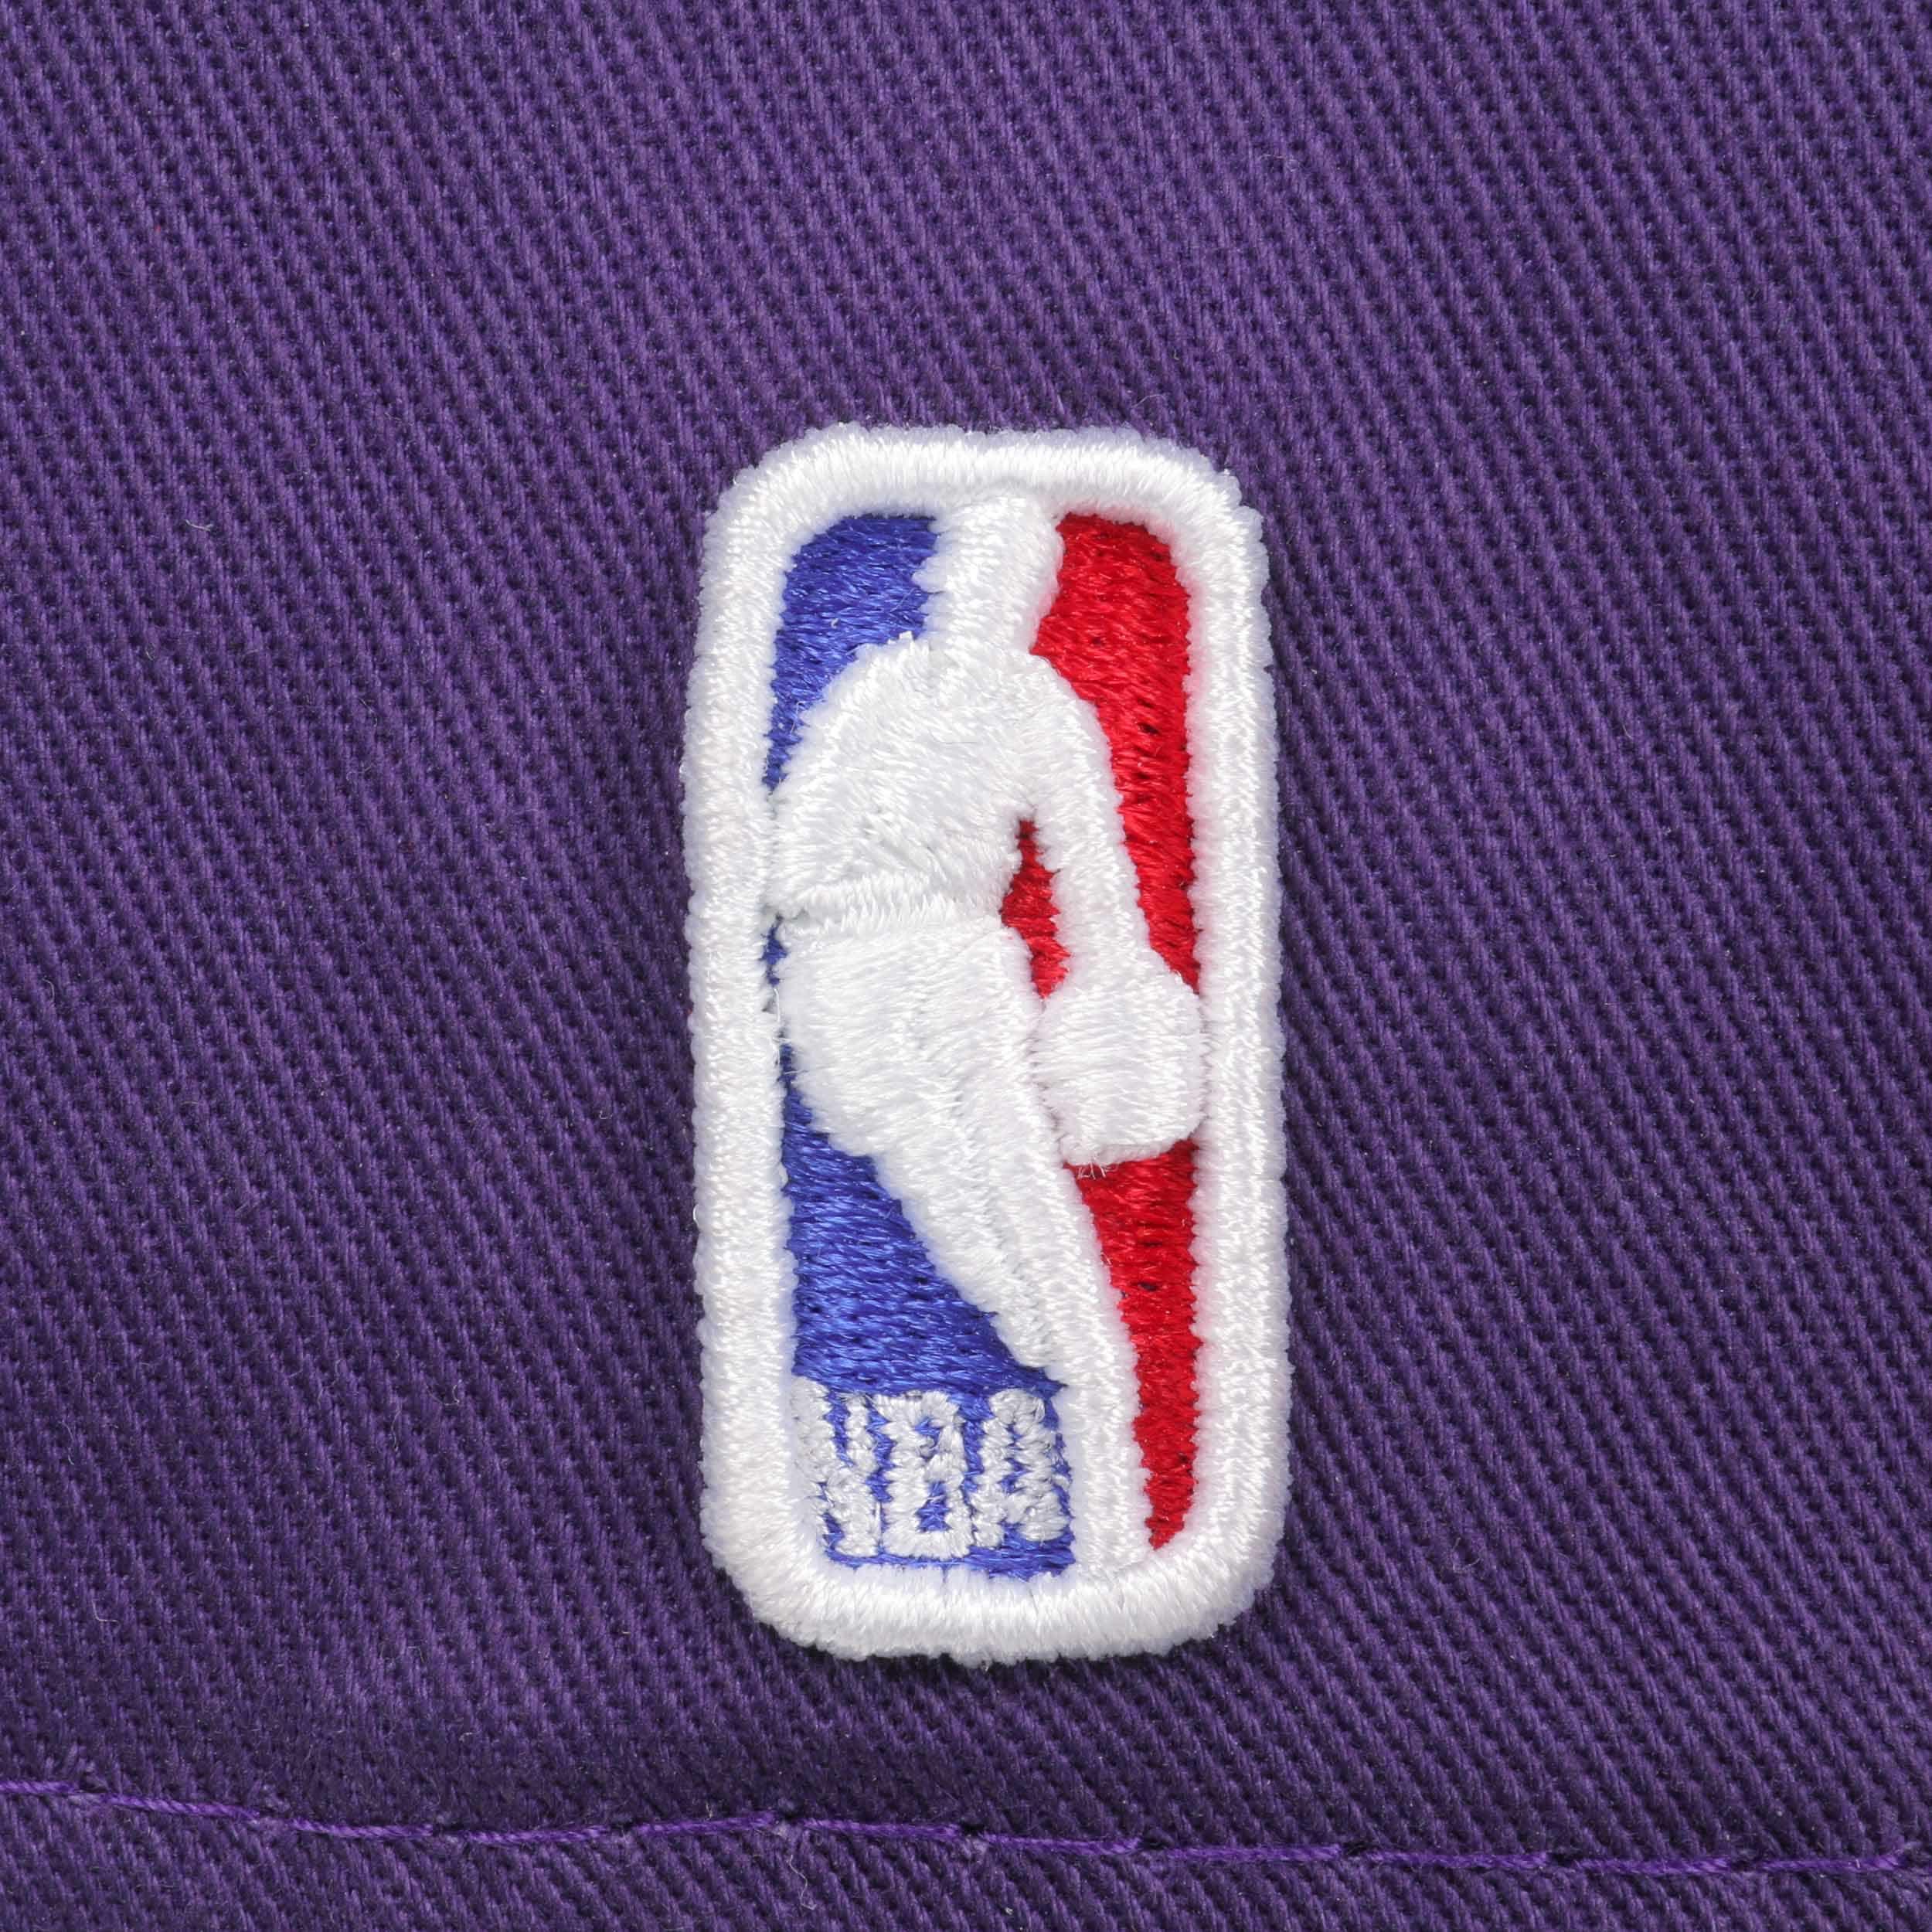 ... Cappellino 9Fifty TC LA Lakers by New Era - lilla 6 ... e6ae1b561b24